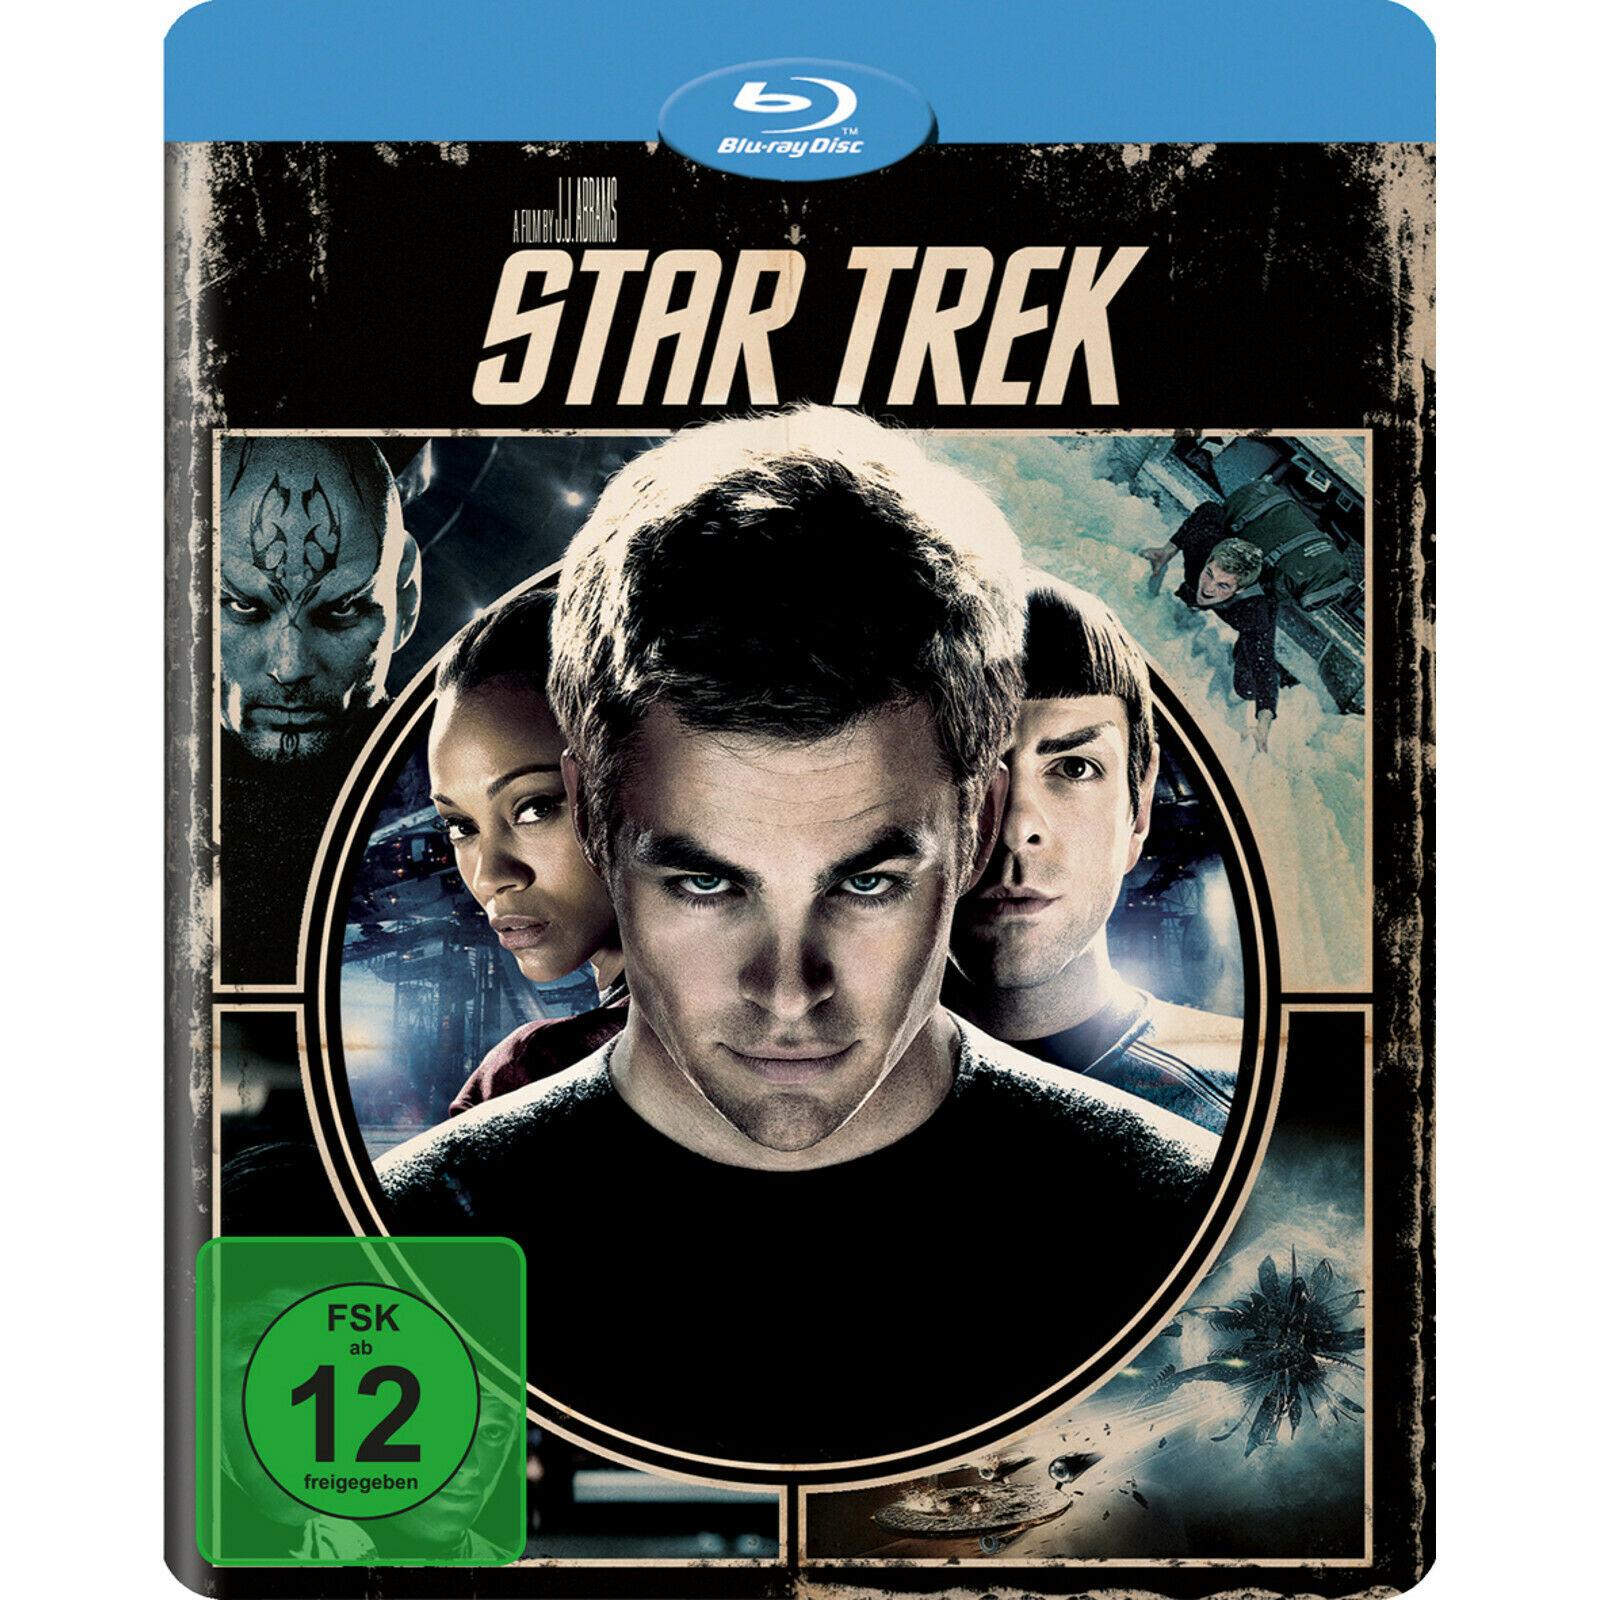 Star Trek Novobox Edition (Blu-ray) für 6€ versandkostenfrei (Saturn)